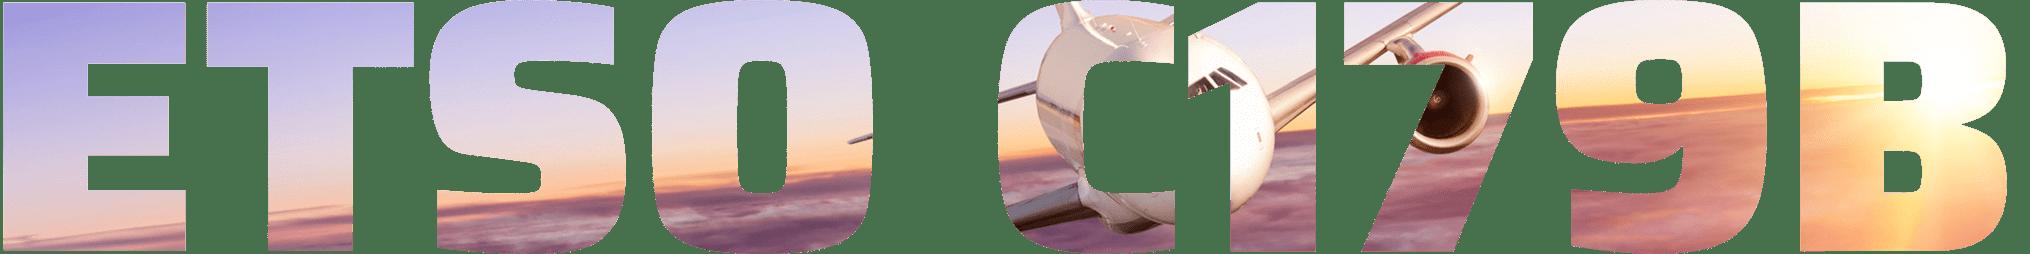 ETSO/TSO/certifiée aero